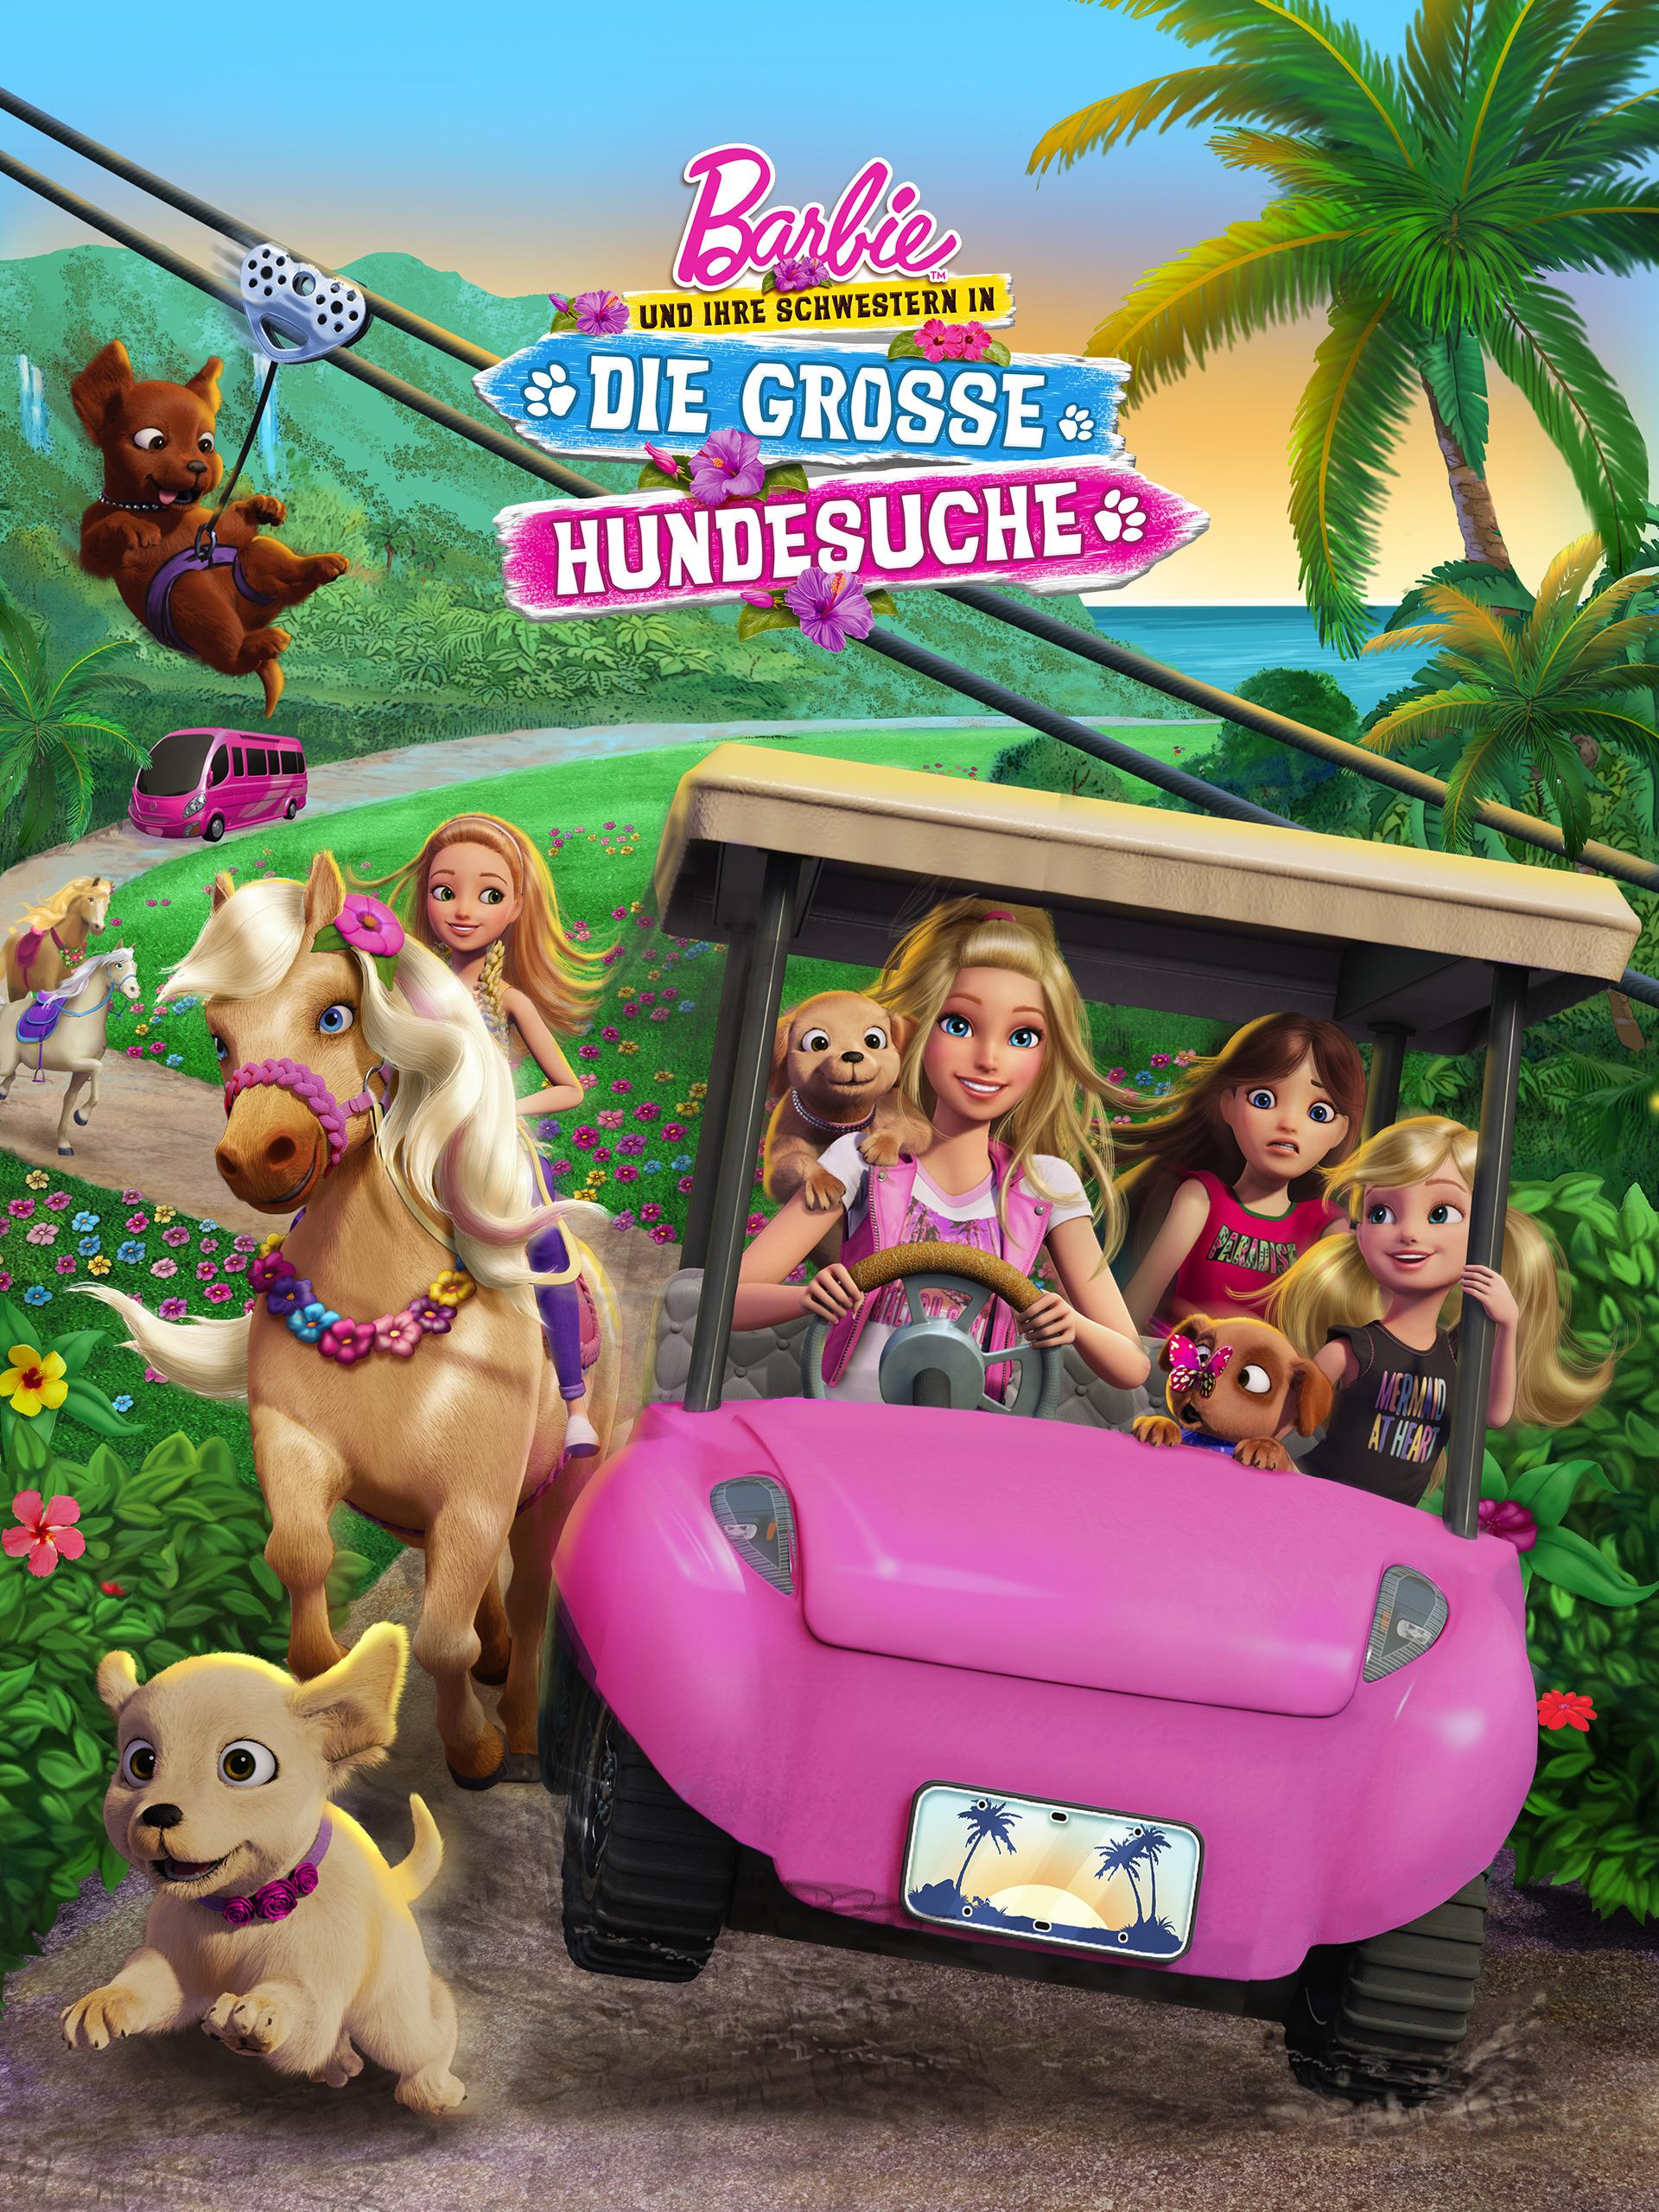 Barbie und ihre Schwestern in: Die grosse Hundesuche